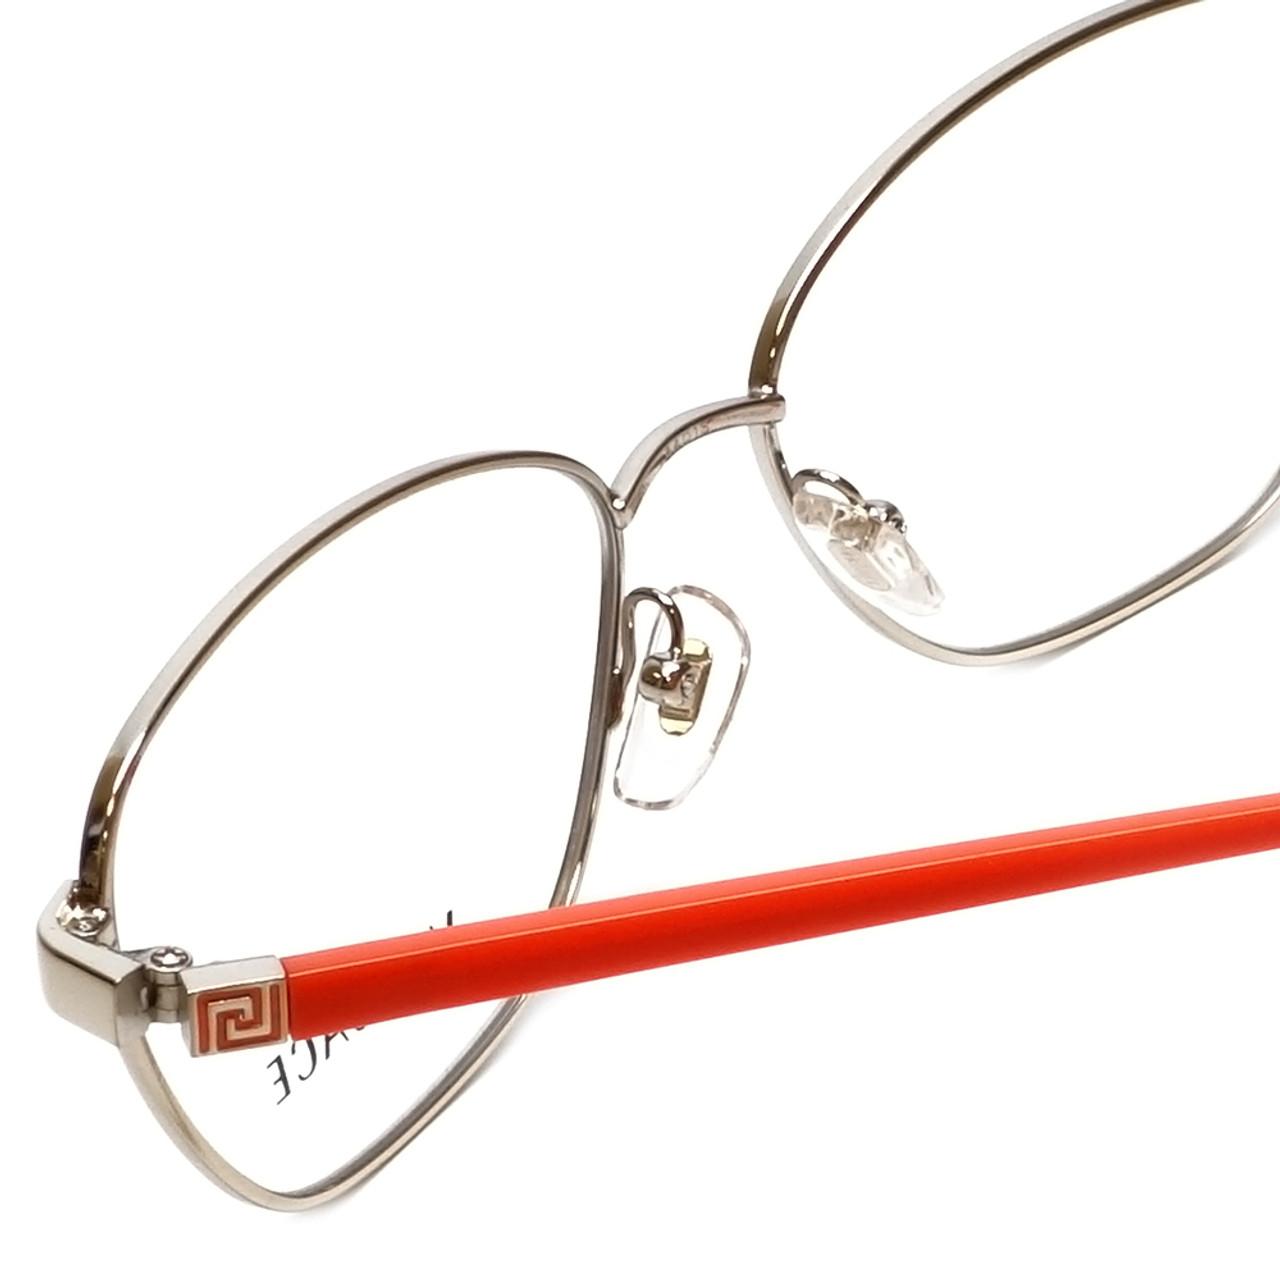 17d77686d669 Versace Designer Reading Glasses 1221-1252-52 in Pale Gold/Orange 52mm